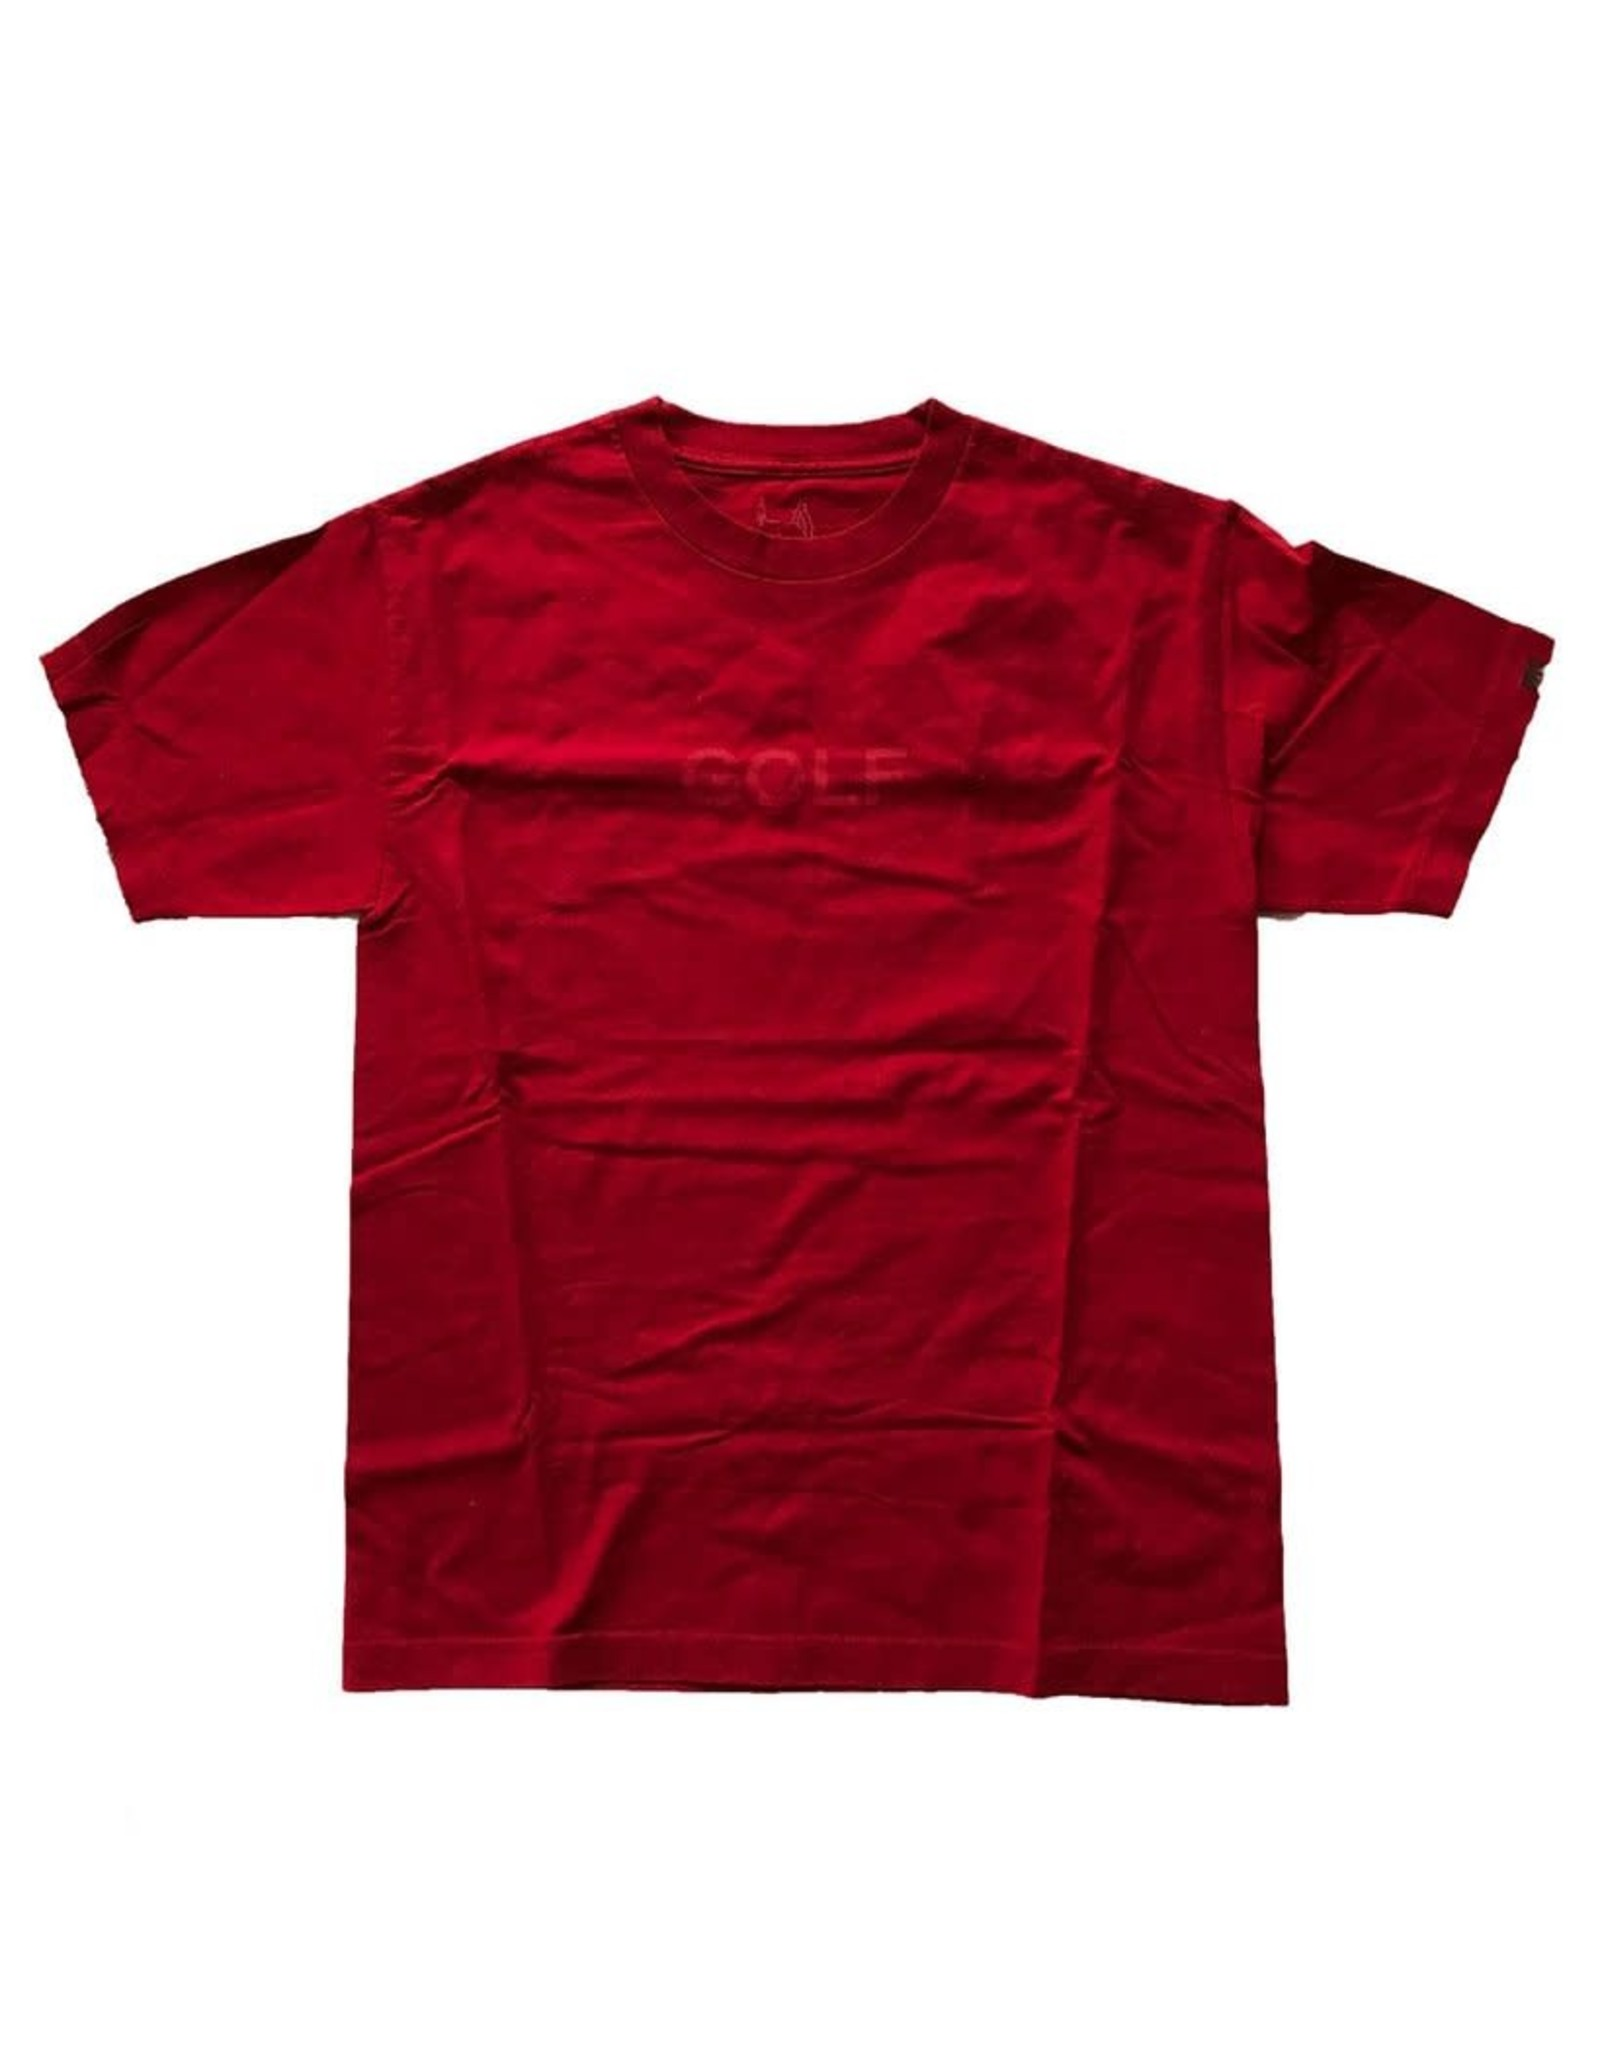 GOLF RED TEE WORN L